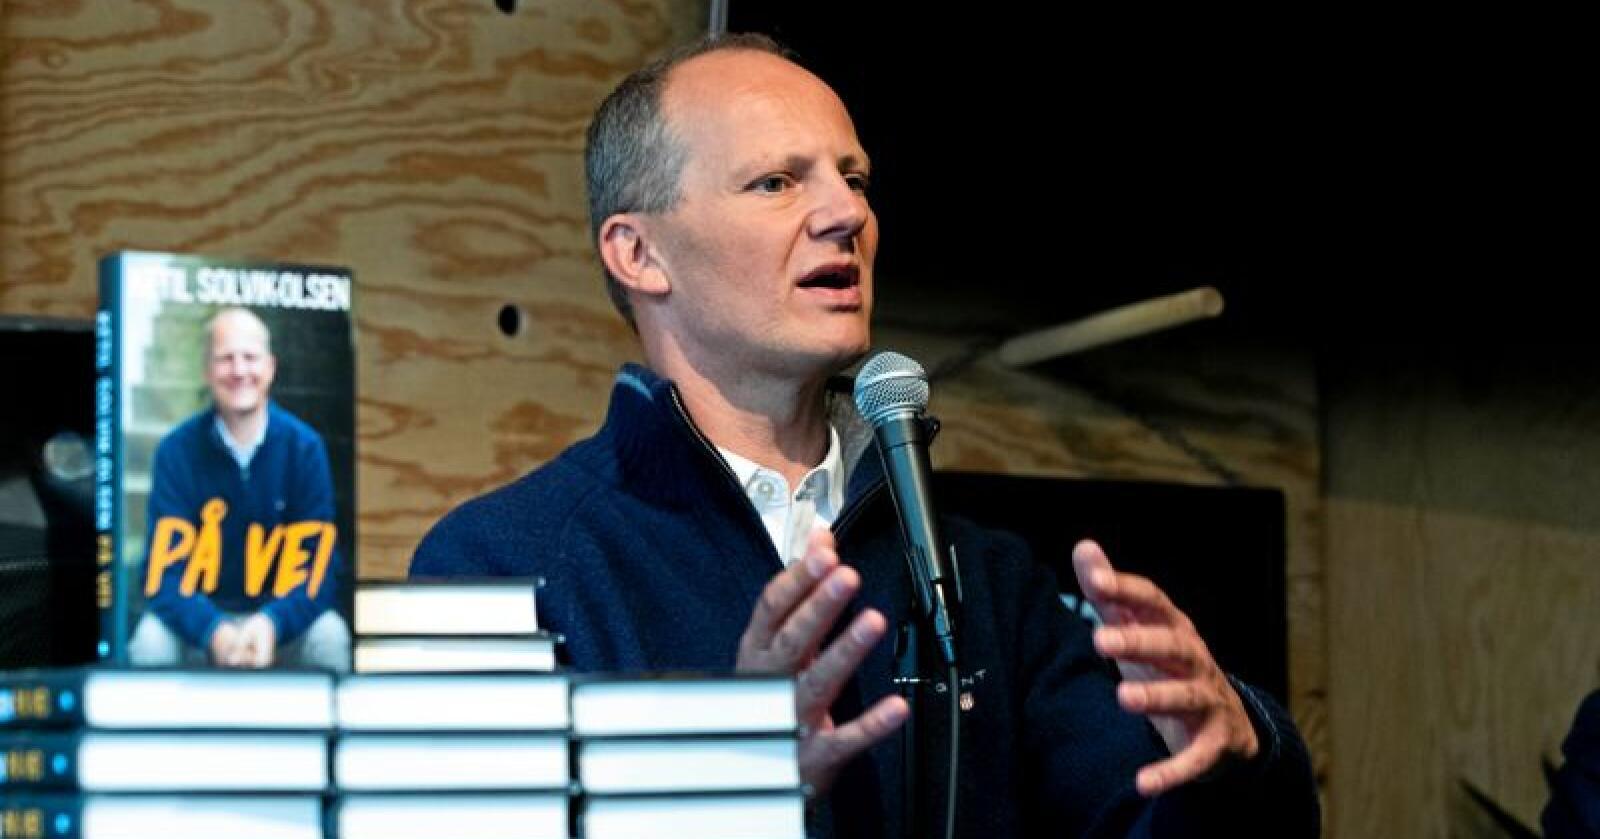 Bok om seg selv: Ketil Solvik-Olsen under lanseringen av boka «På vei». Foto: Berit Roald / NTB scanpix